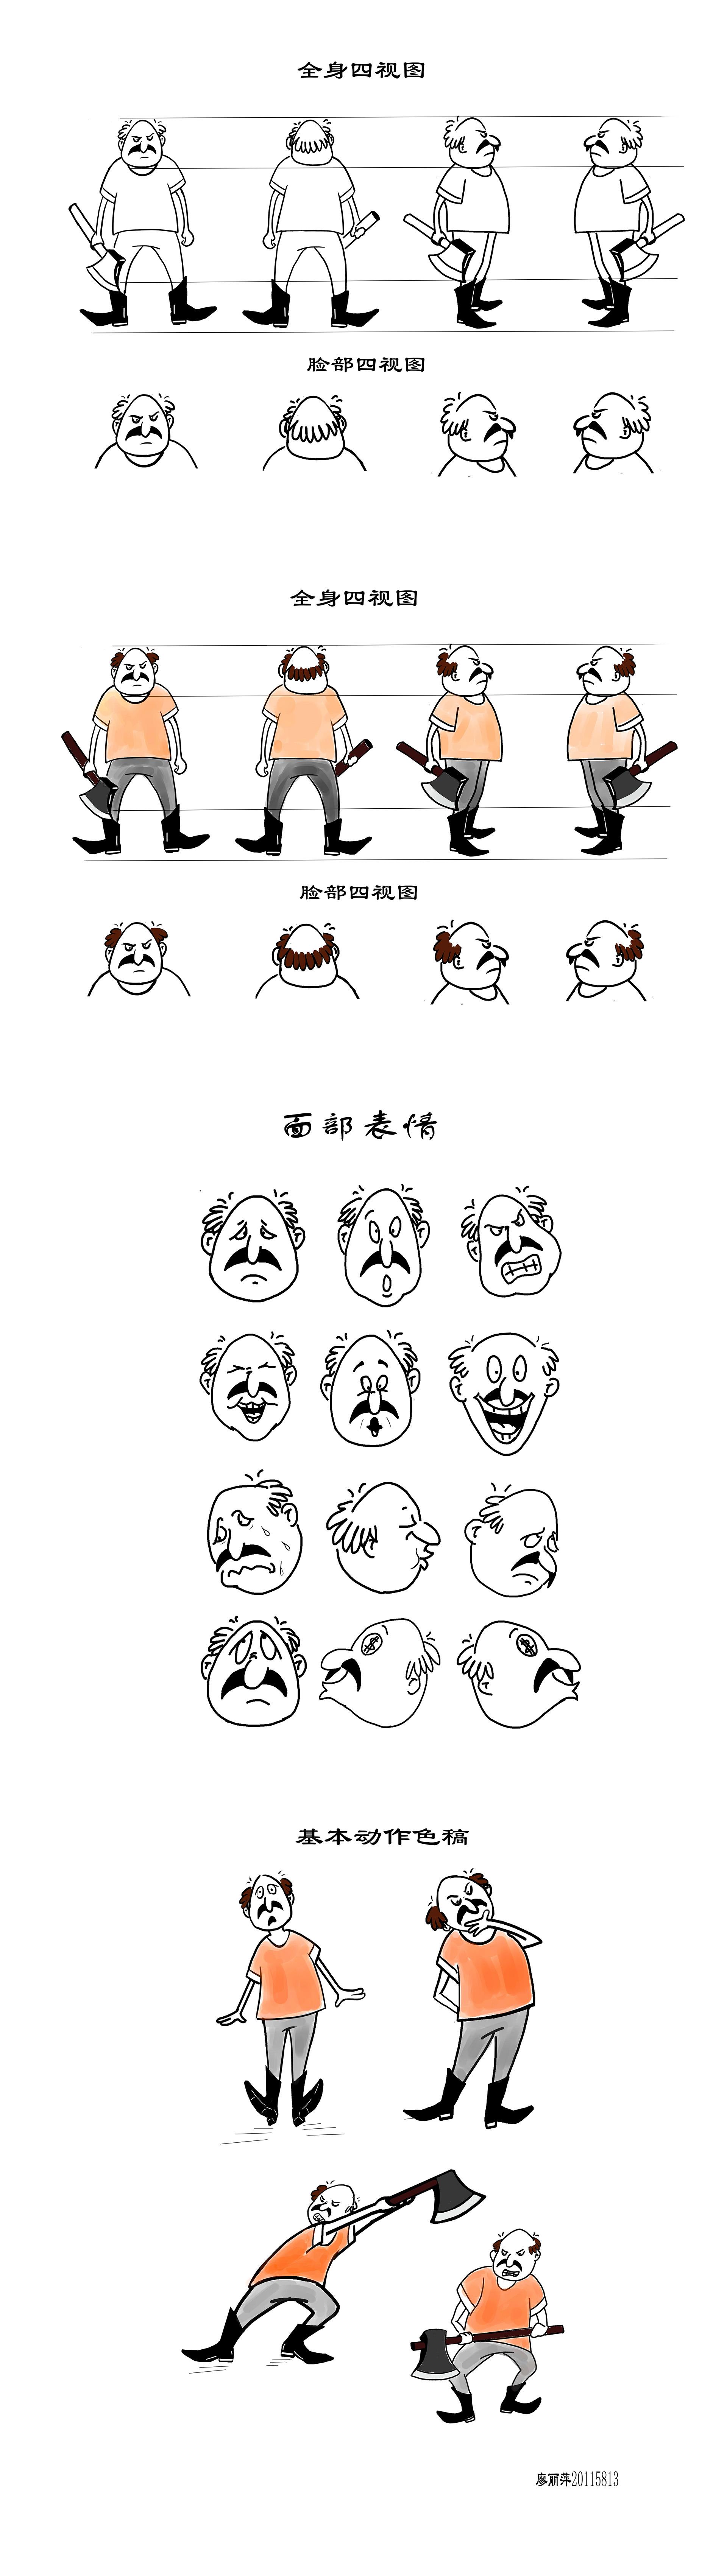 动画人物设计